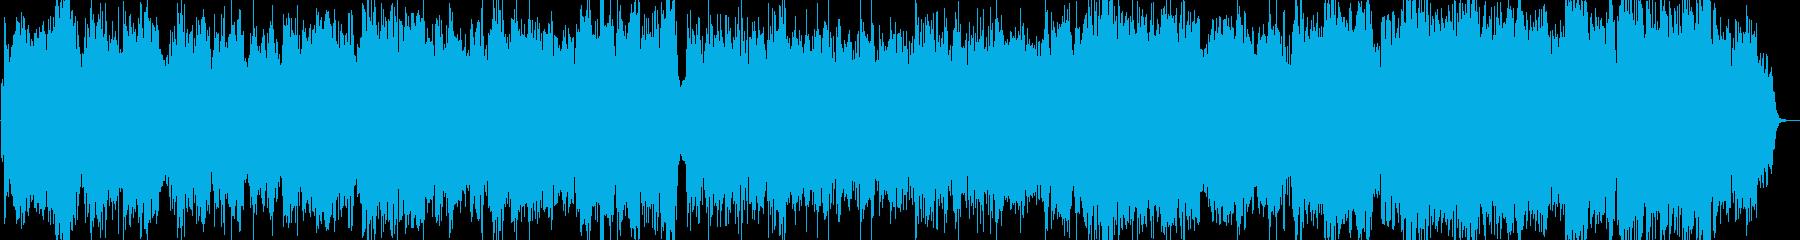 優しい風のような音楽の再生済みの波形